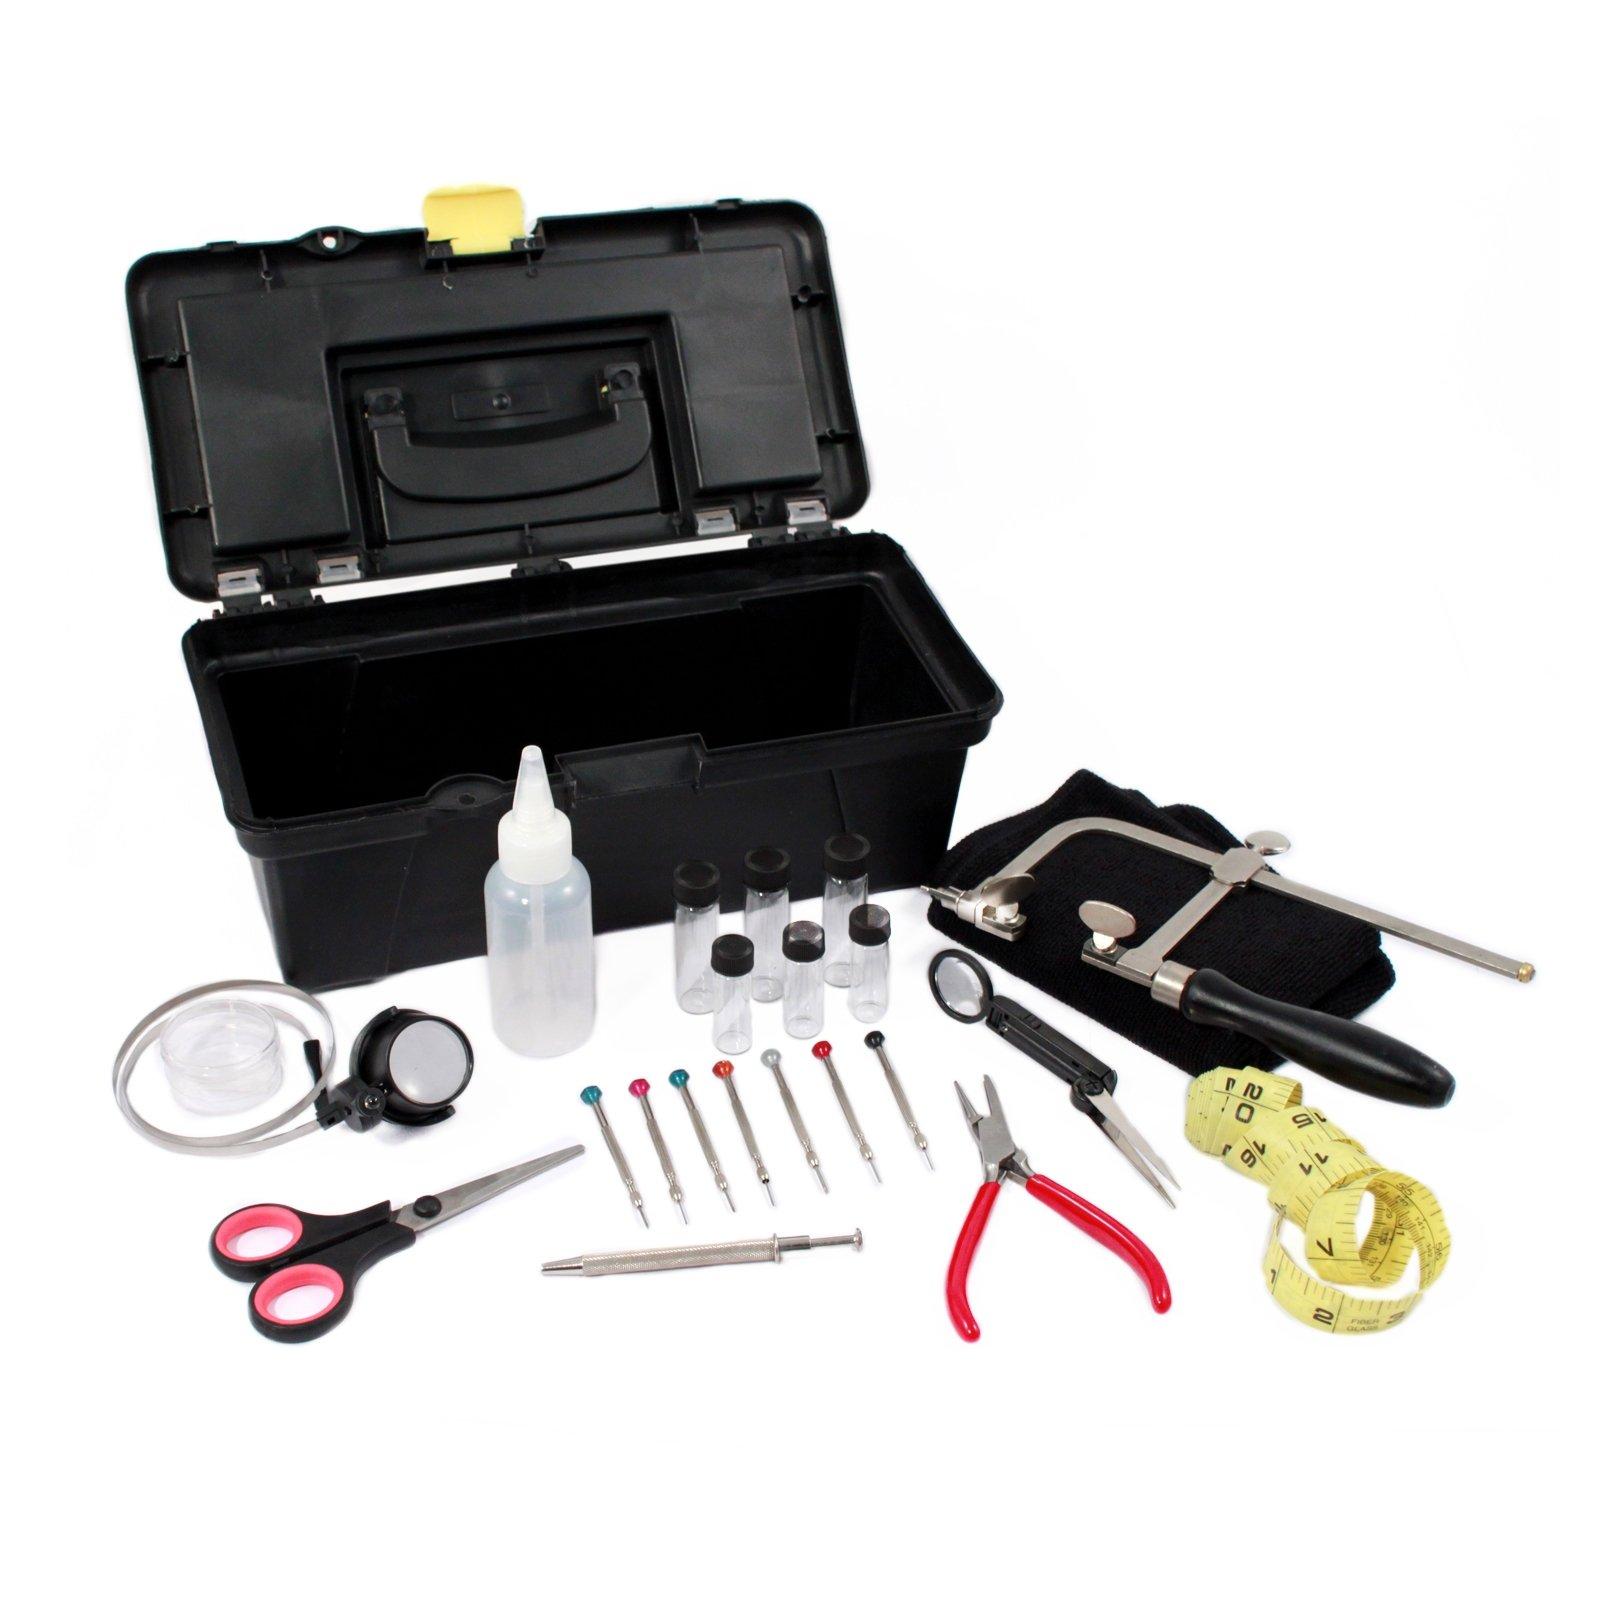 Jewelry Repair Tool Kit